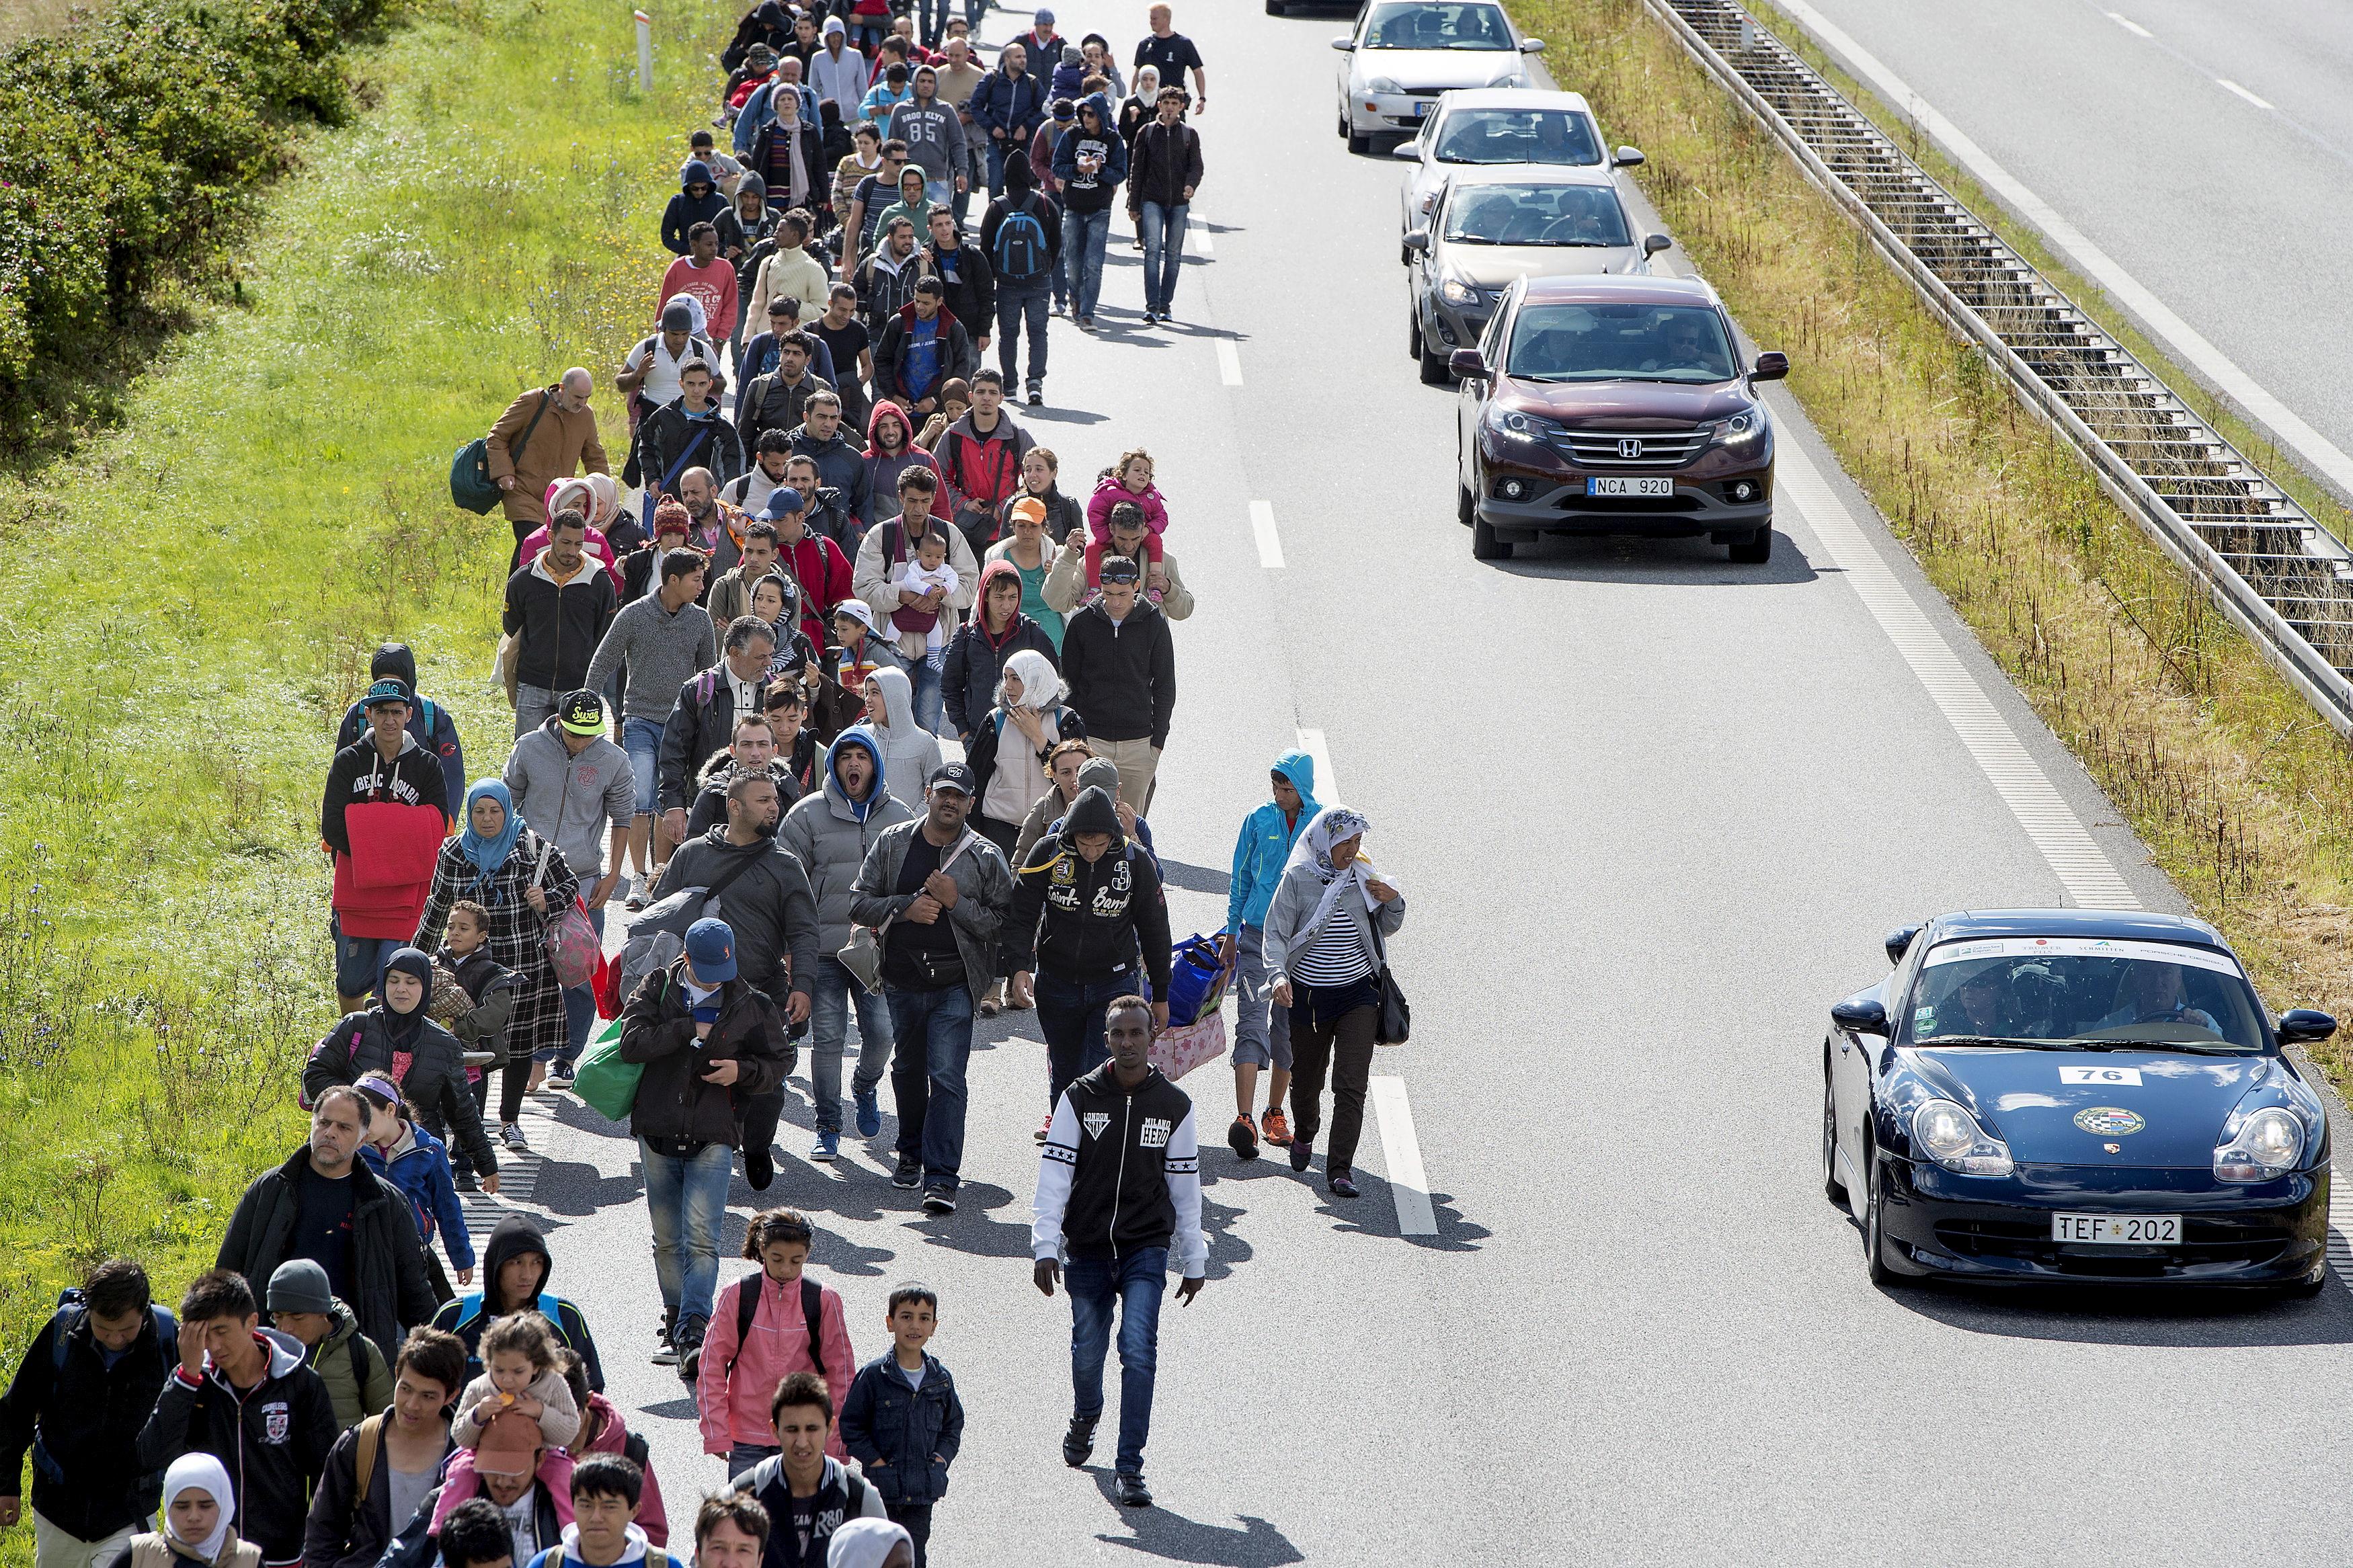 منظمة دولية تتهم الدنمارك بتعريض مستقبل  عشرات الأطفال السوريين للخطر